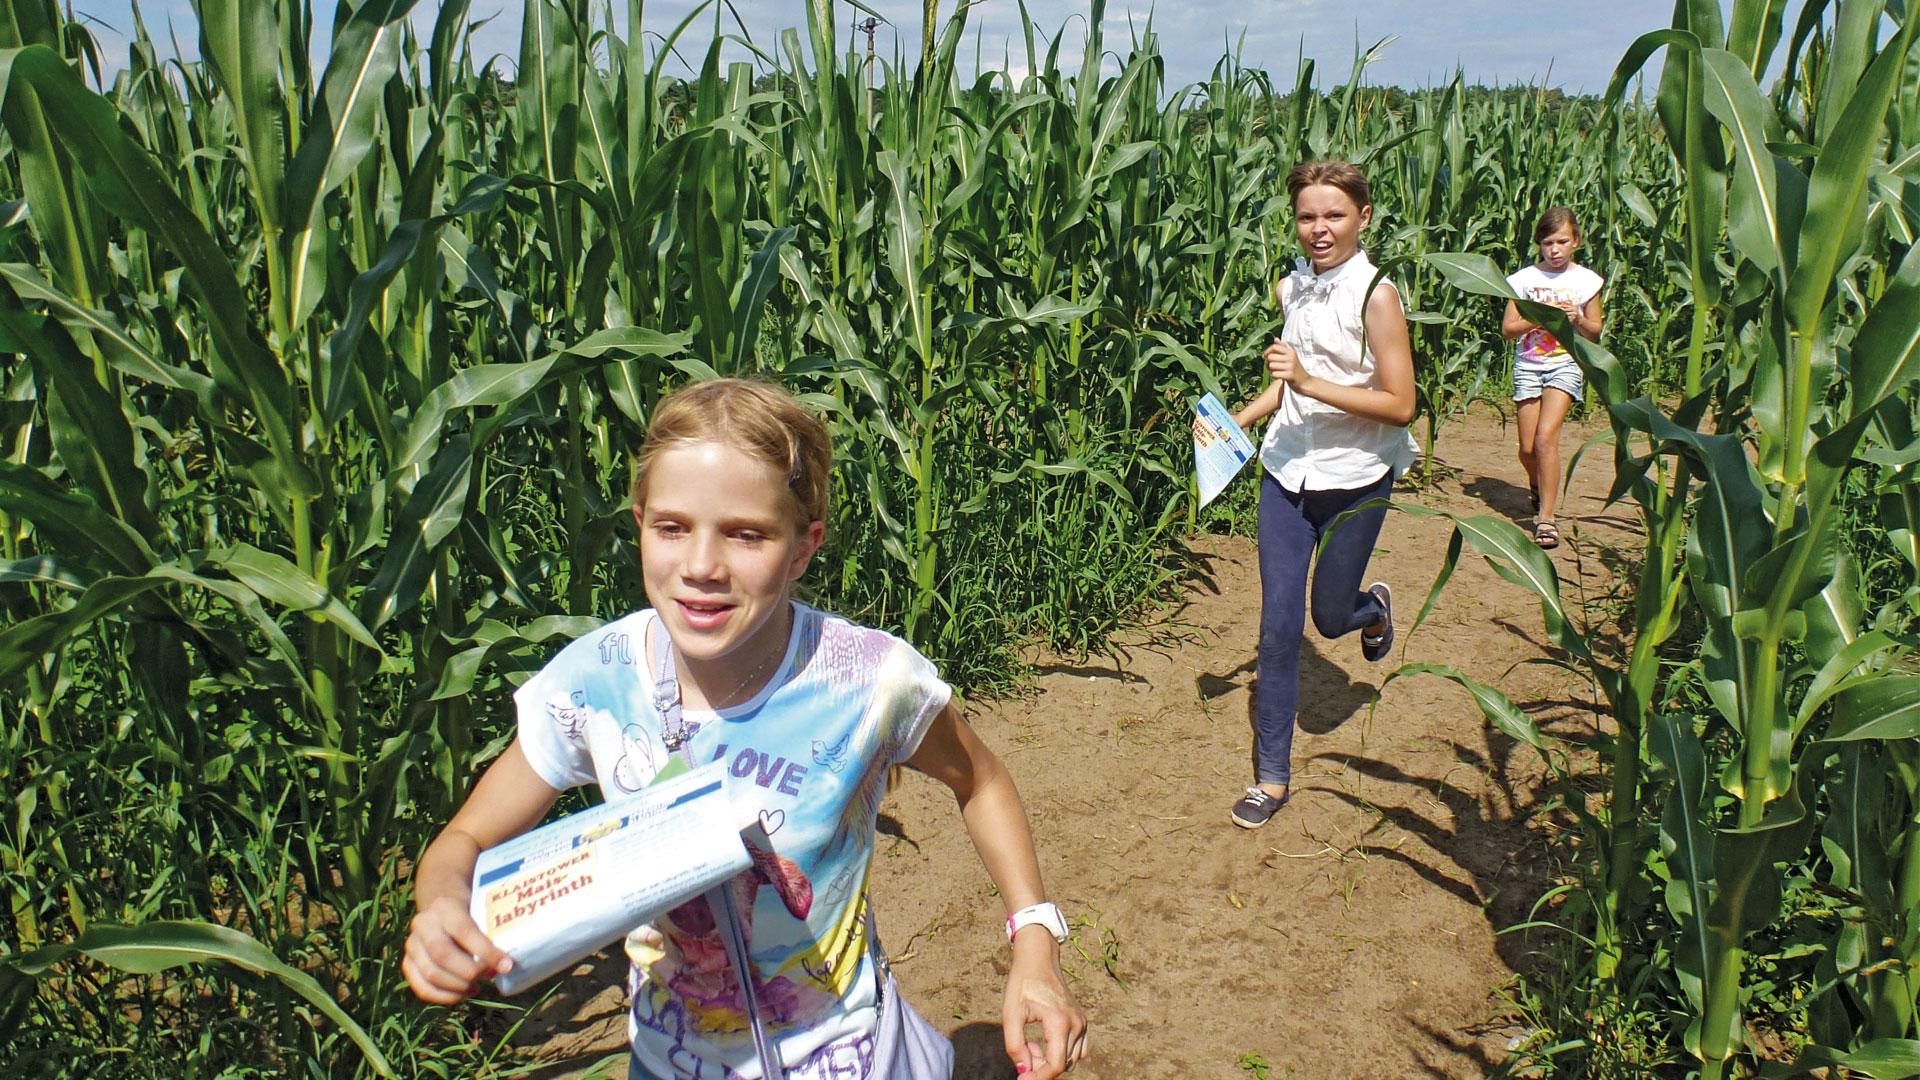 Zielstrebig durch das Maislabyrinth